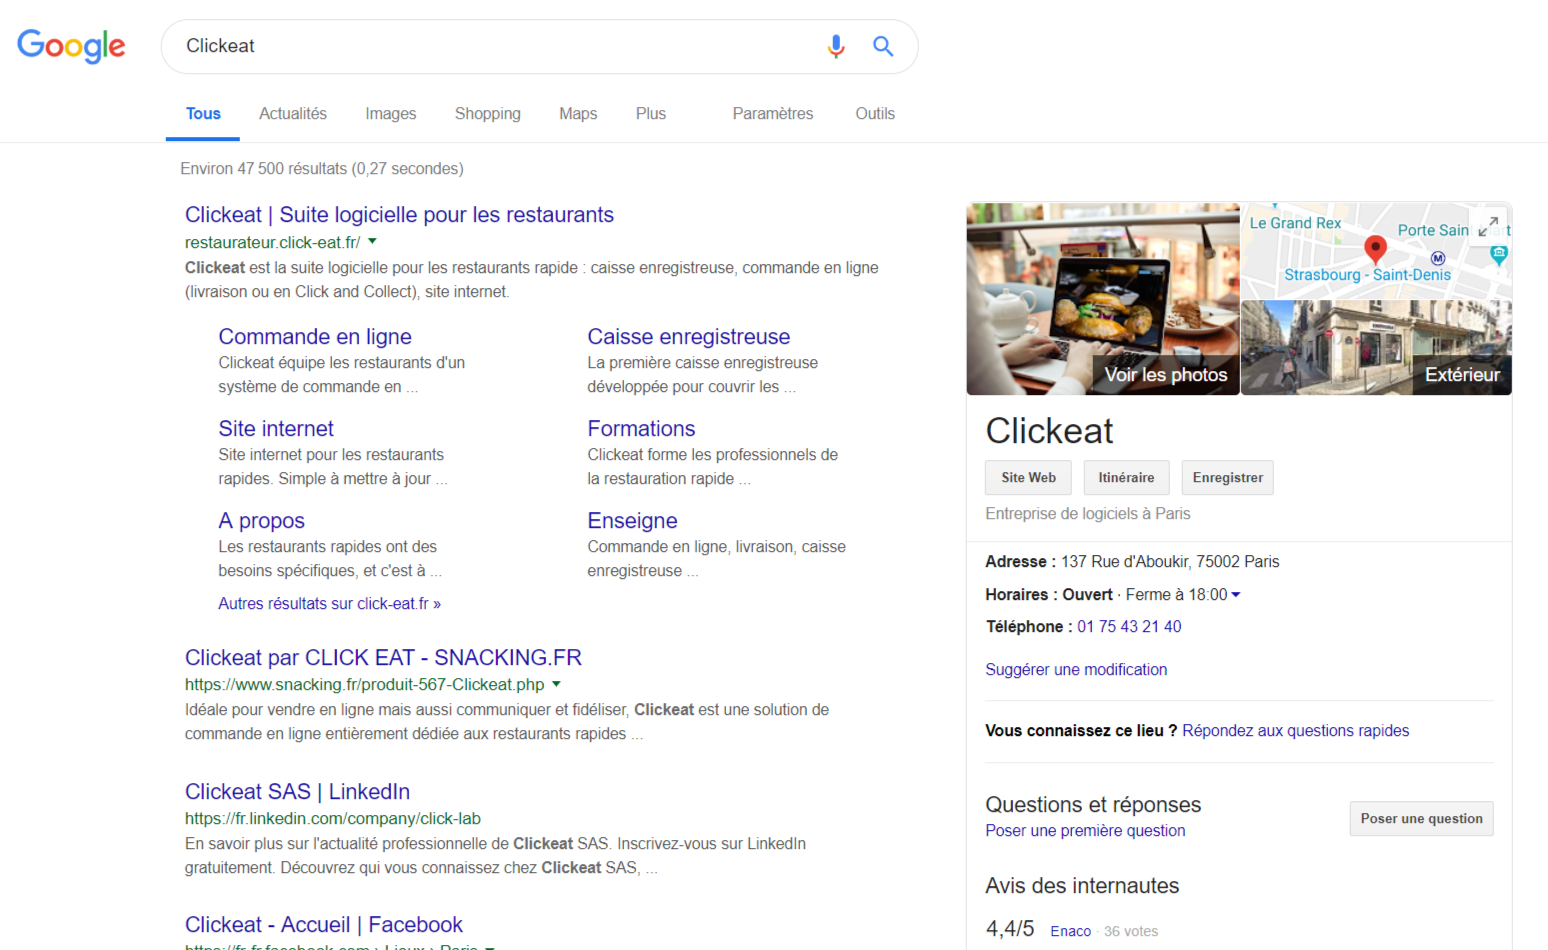 Exemple de fiche Google My Business dans la recherche Google